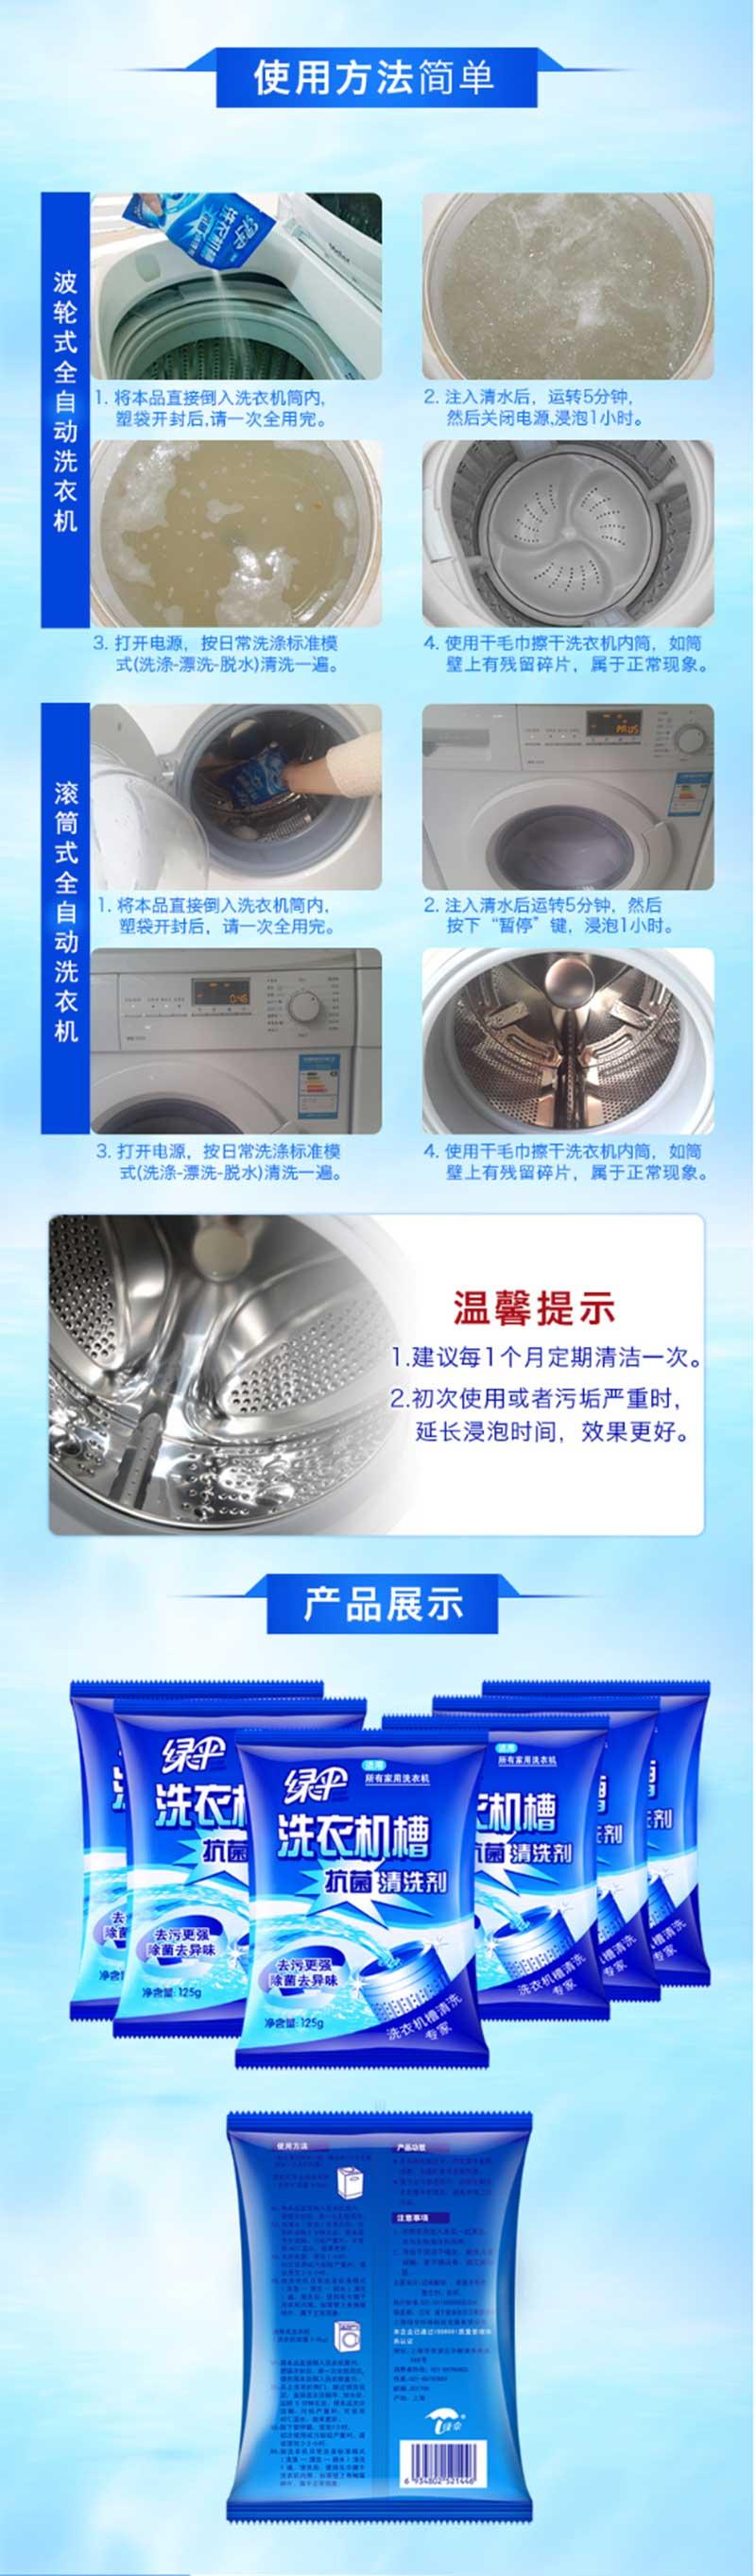 详情页-2绿伞 洗衣机槽清洗剂125g*6袋 滚筒全自动洗衣机清洁剂除垢剂